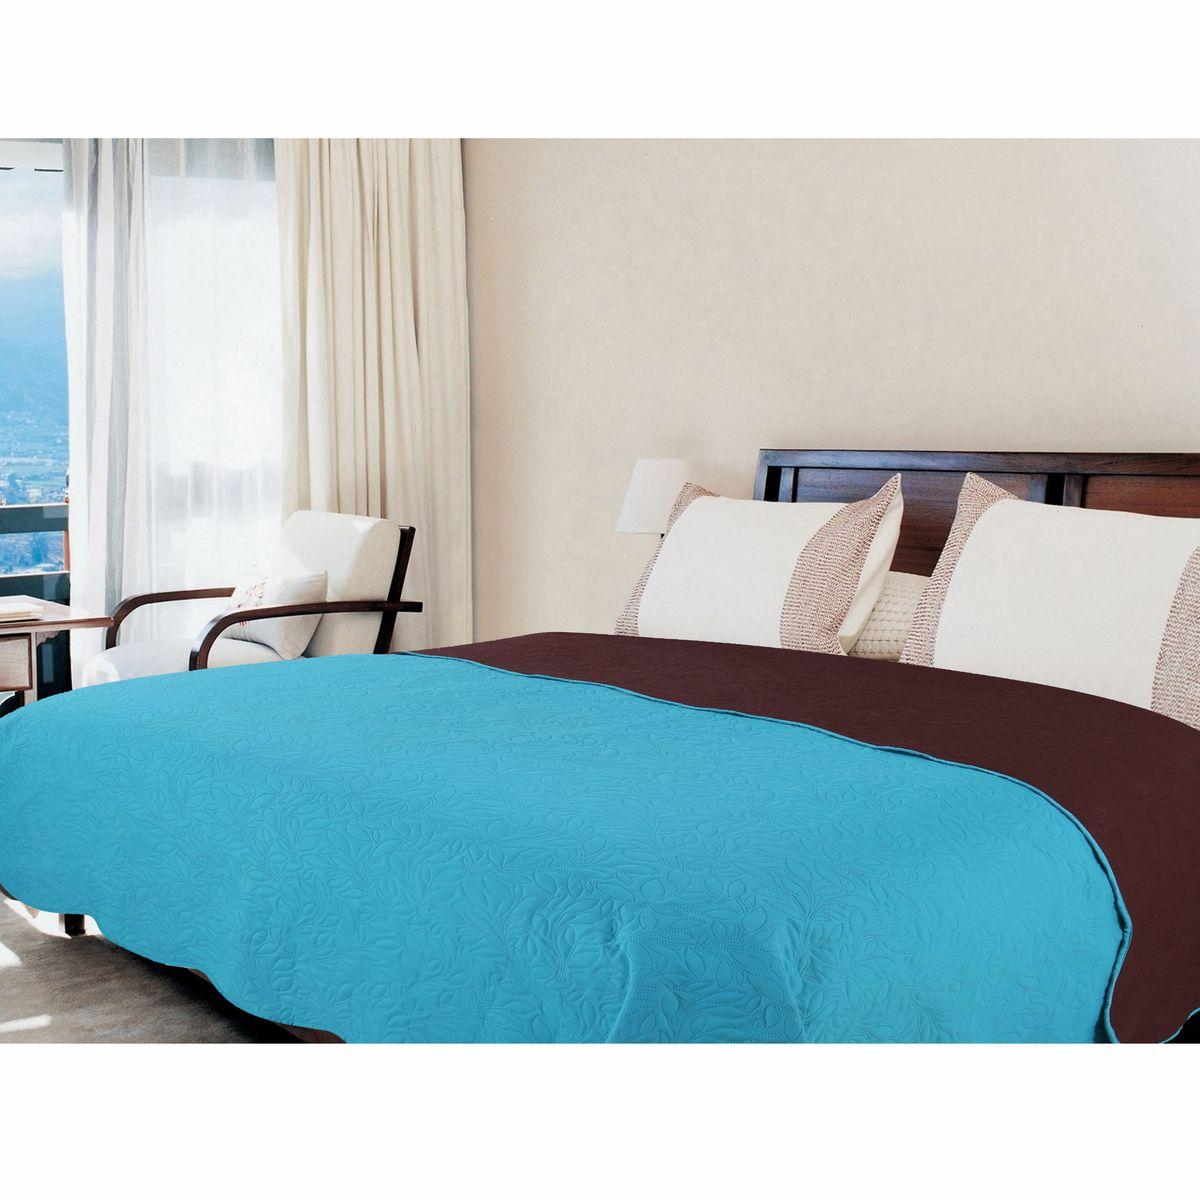 Покрывало Amore Mio Alba, цвет: голубой, коричневый, 200 х 220 см. 7544375443Покрывала Multi Amore Mio - Идеальное Решение для современного интерьера! Amore Mio – Комфорт и Уют - Каждый день! Amore Mio предлагает оценить соотношение цены и качества коллекции. Разнообразие ярких и современных дизайнов прослужат не один год и всегда будут радовать Вас и Ваших близких сочностью красок и красивым рисунком. Покрывало Multi Amore Mio - однотонное, с кантом. Каждая сторона имеет свой цвет, поэтому настроение можно поменять, лишь перевернув покрывало на другую сторону. Покрывало приятное, мягкое, легкое, может послужить не только на кровати, но и в качестве облегченного одеяла, а также как дорожного пледа, великолепно в качестве покрывала для пикников. Занимает мало места, легко стирается, неприхотливо в уходе, приятным бонусом станет низкая цена.